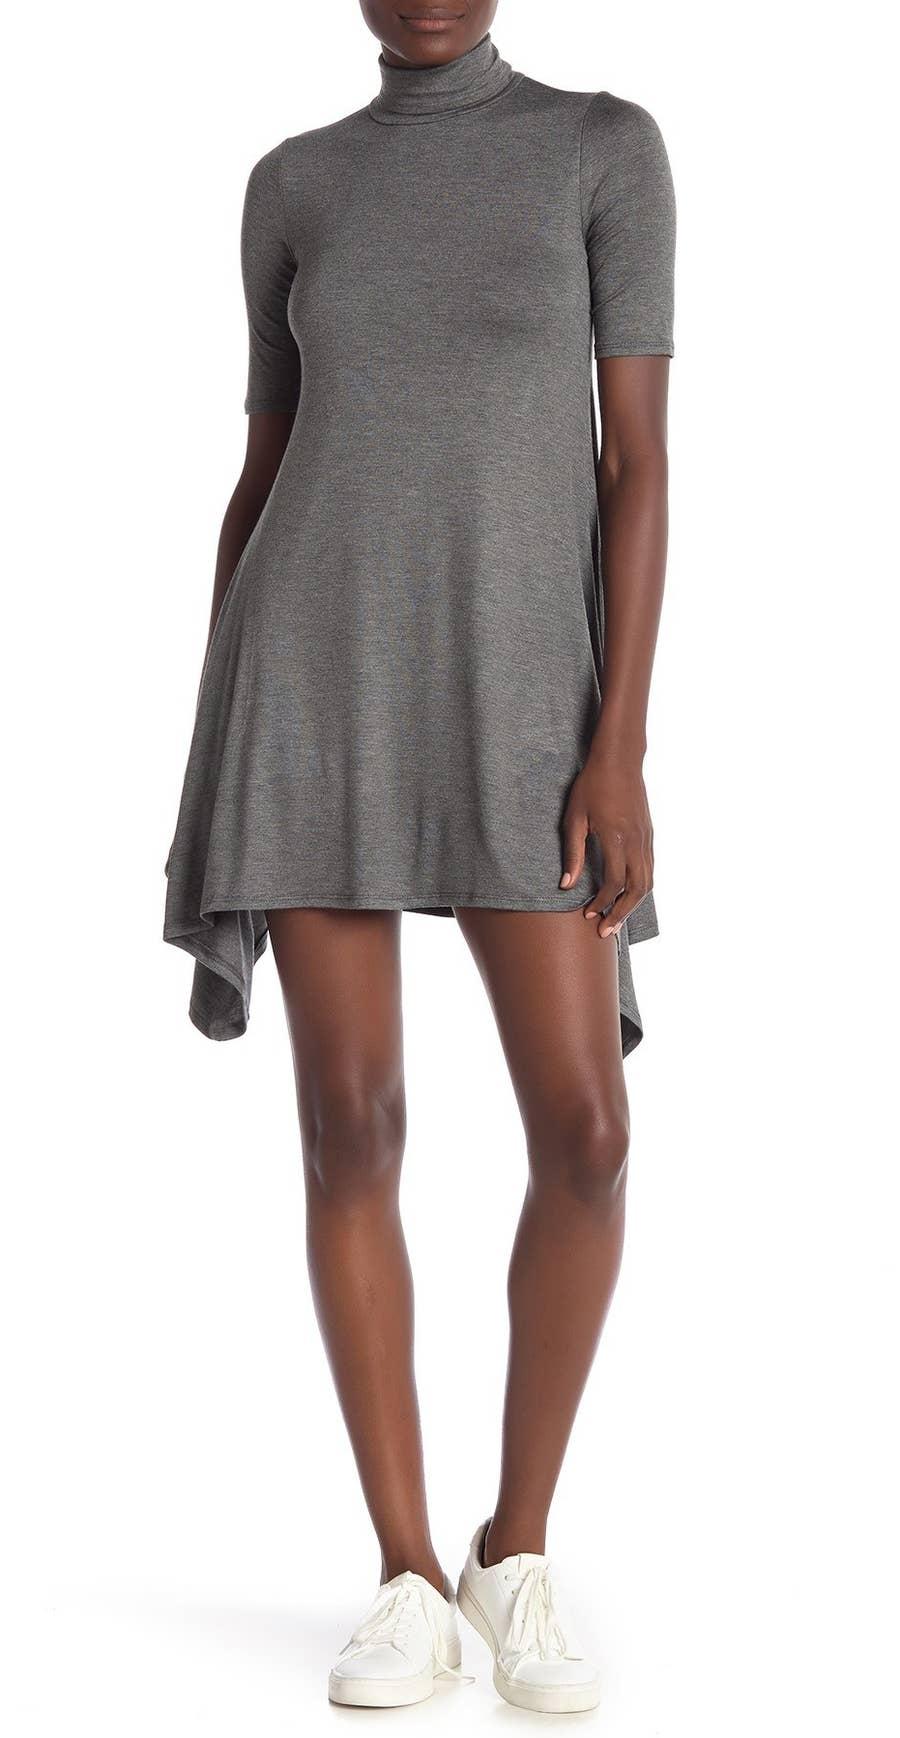 d2cd86d47b5e Nordstrom Rack Semi Formal Dresses